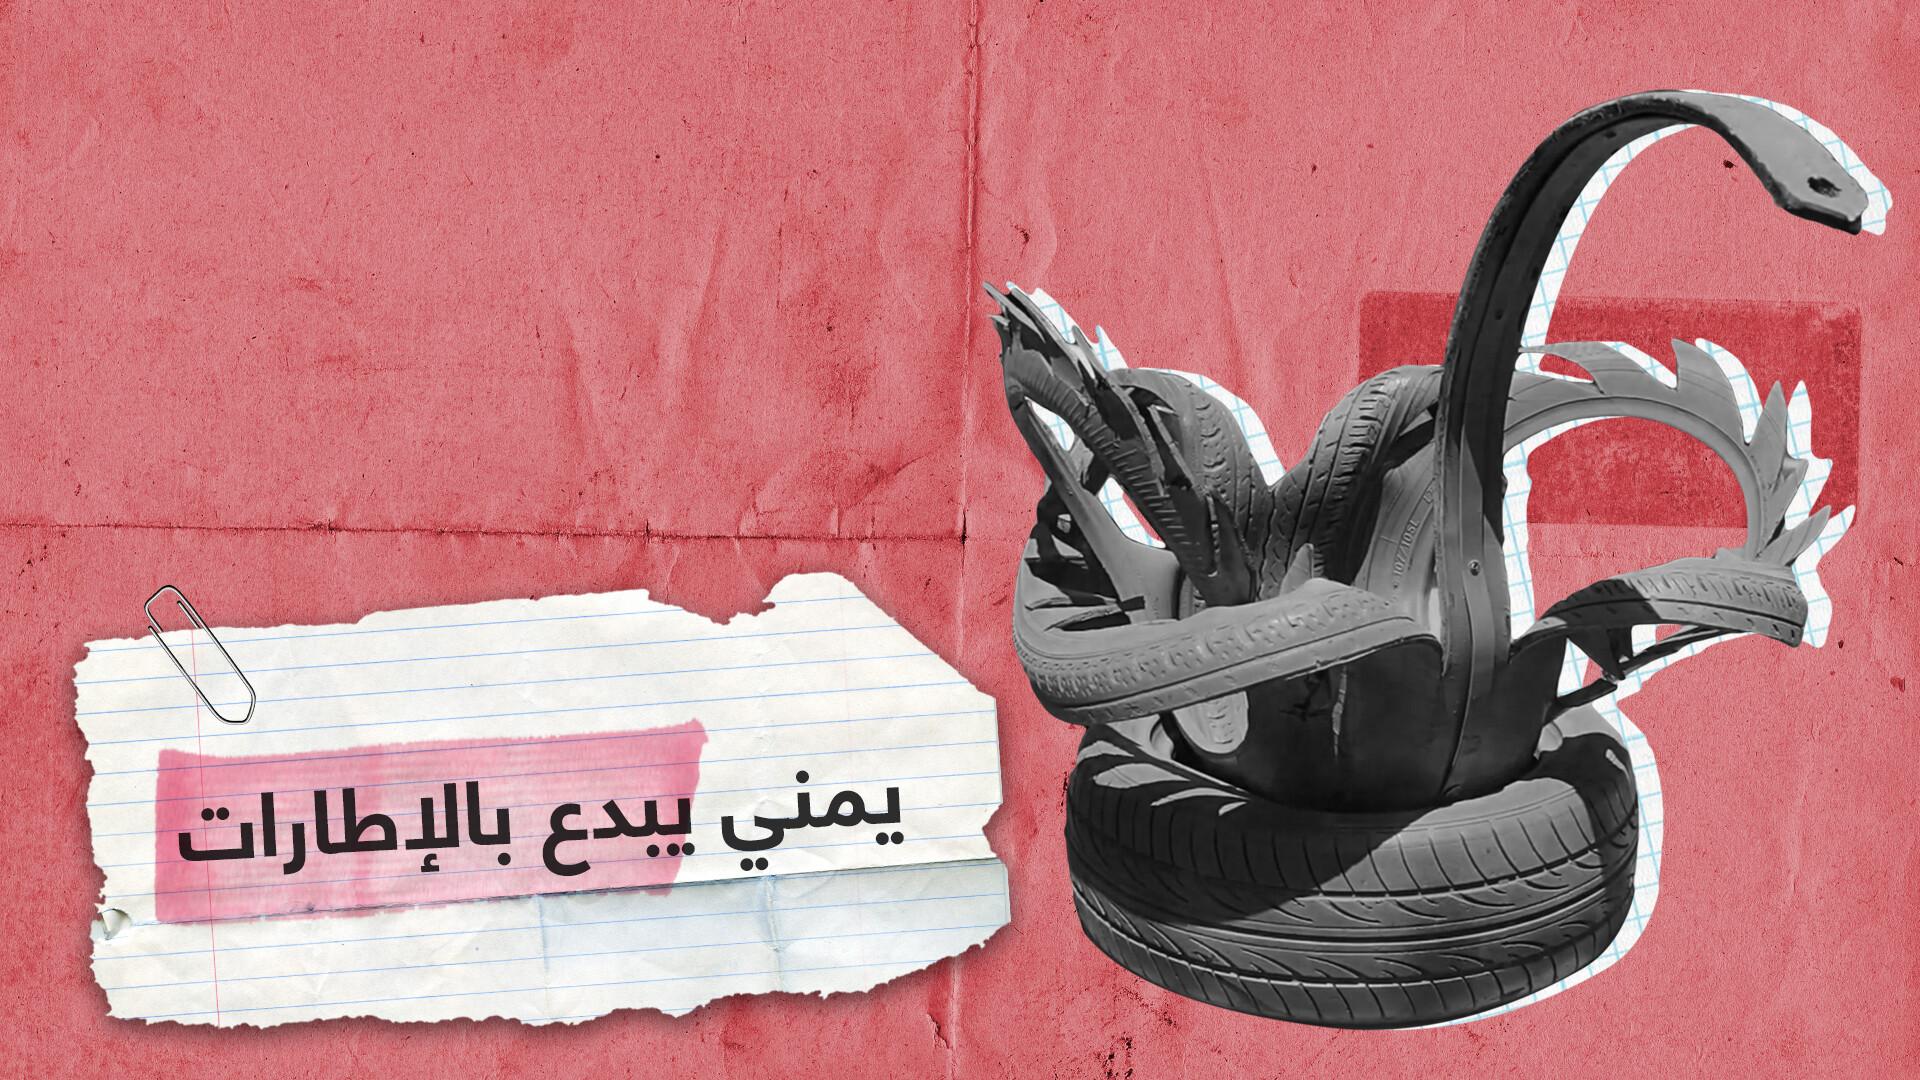 فنان يمني يحول الإطارات القديمة إلى أعمال فنية